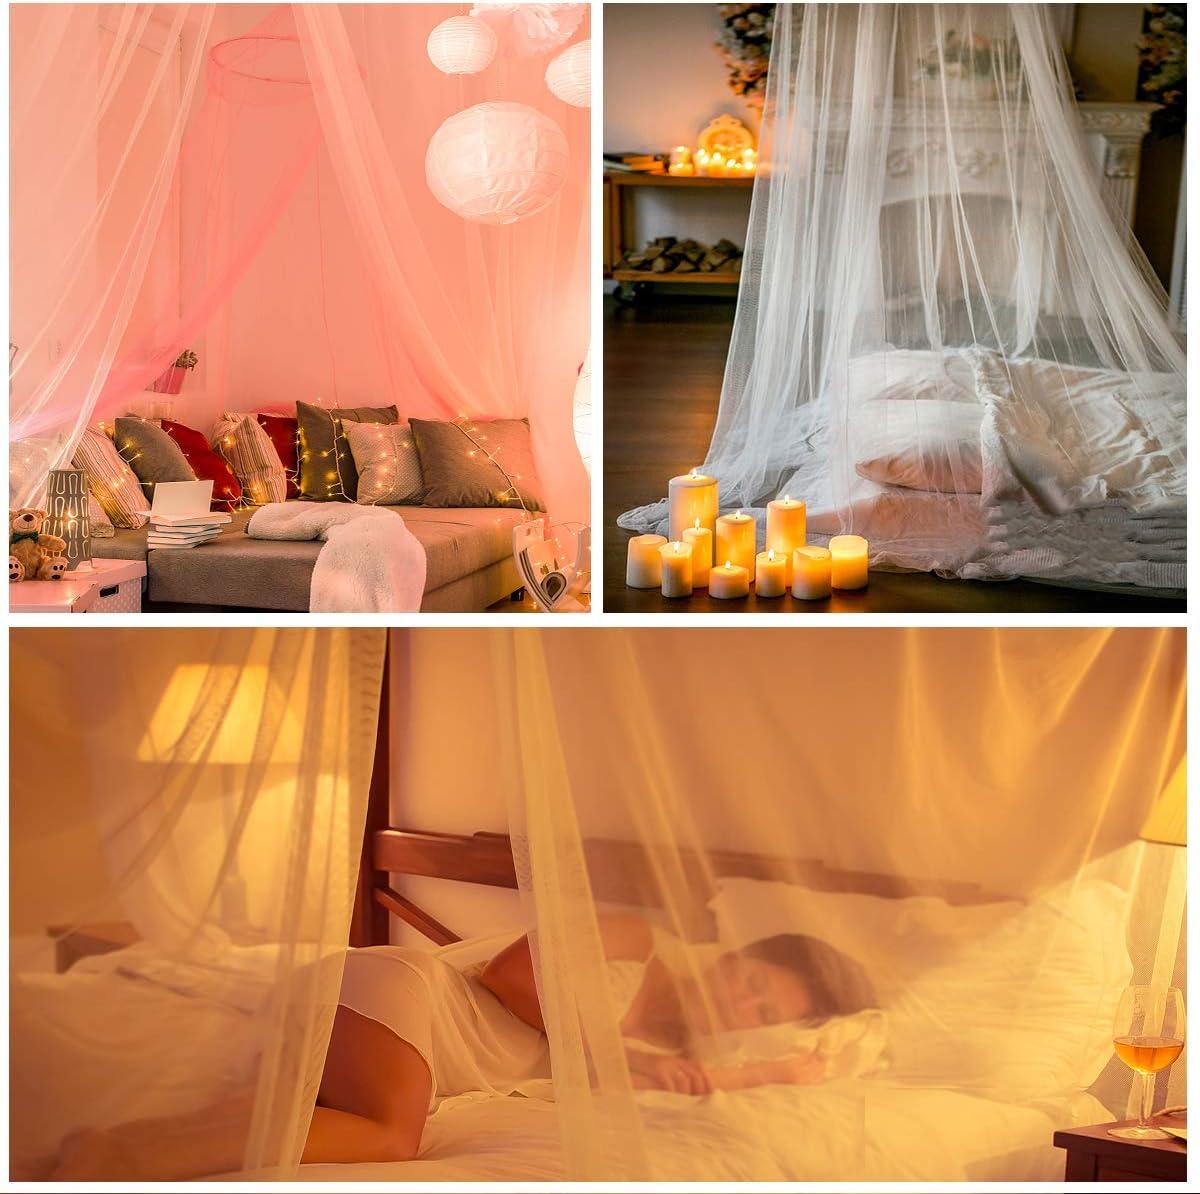 blanc cr/ème couverture de 12 m id/éale pour la maison ou les vacances Moustiquaire blanche pour auvent de lit grande tente /à suspendre pour lit double//simple